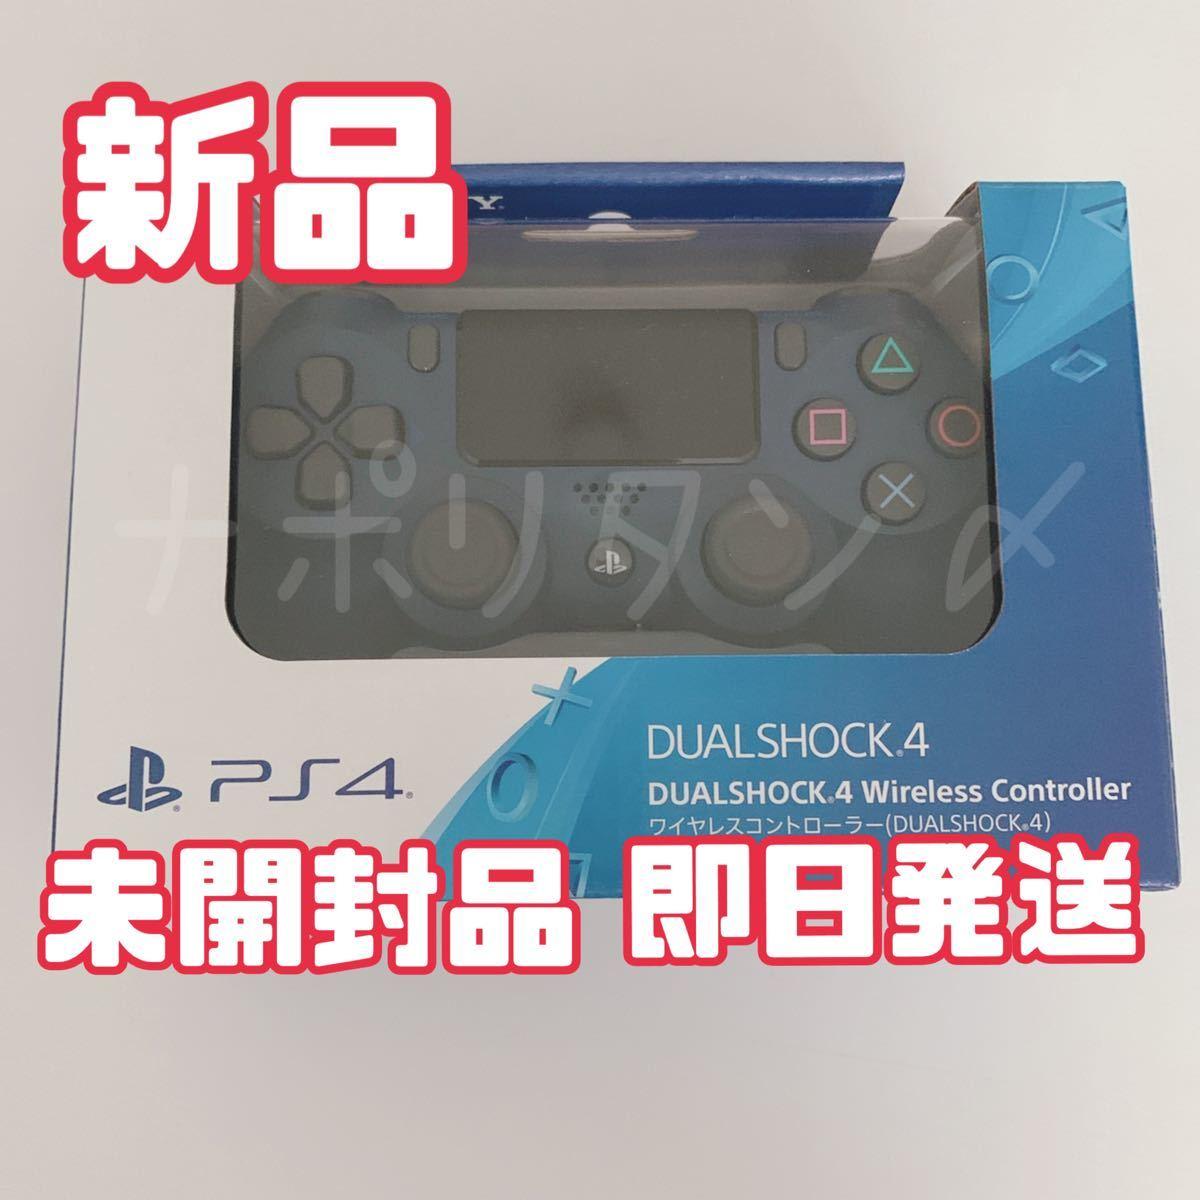 PS4 DUALSHOCK4 ワイヤレスコントローラー ミッドナイトブルー 【新品・未開封品】